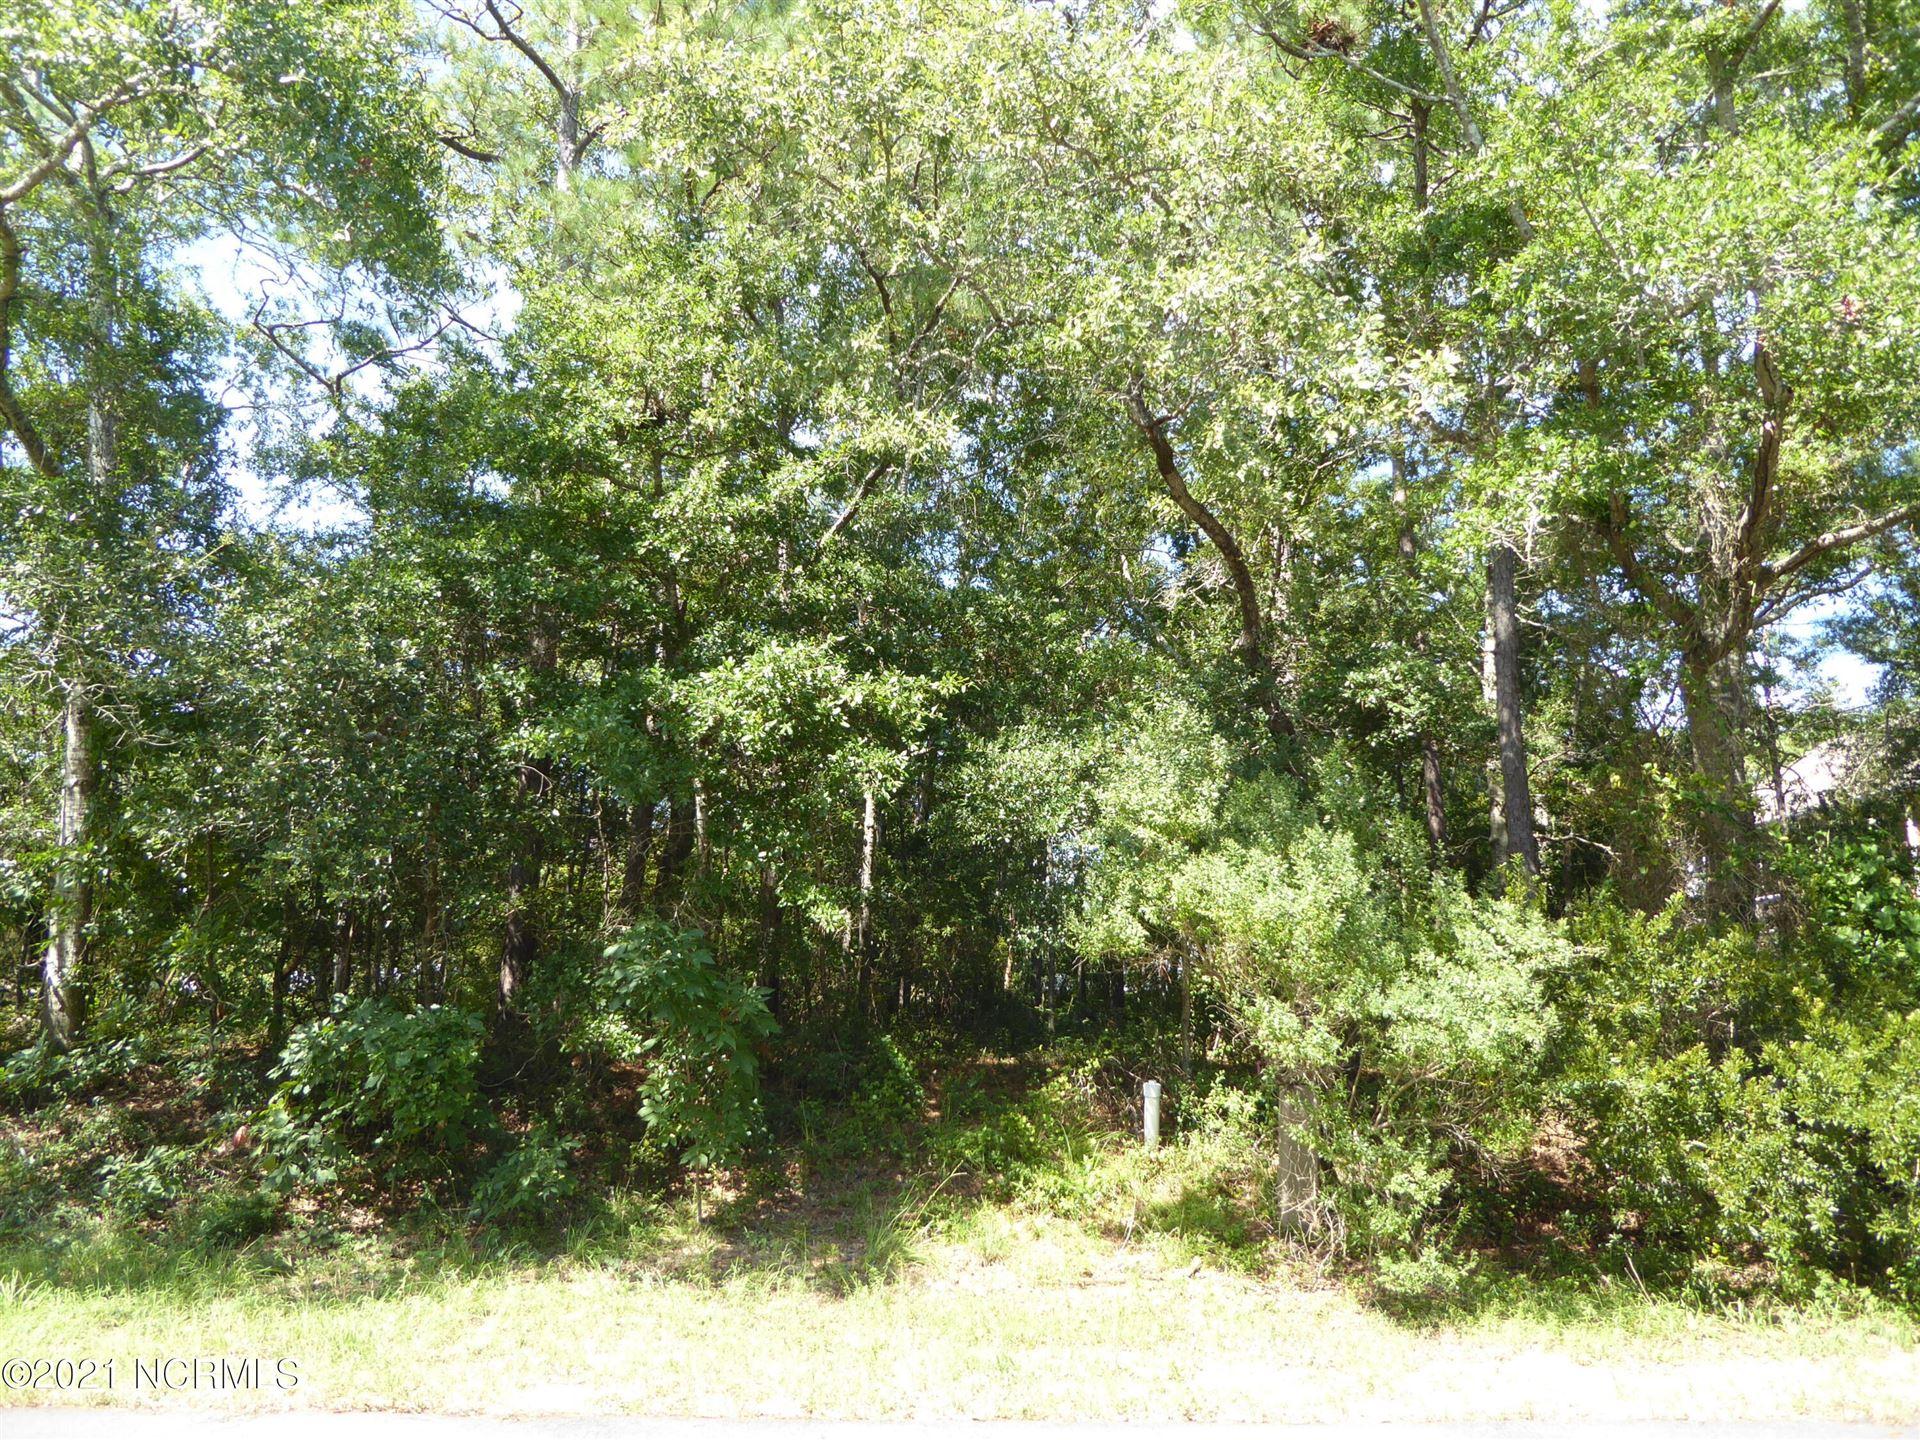 Photo of 105&107 NW 25th Street, Oak Island, NC 28465 (MLS # 100292050)